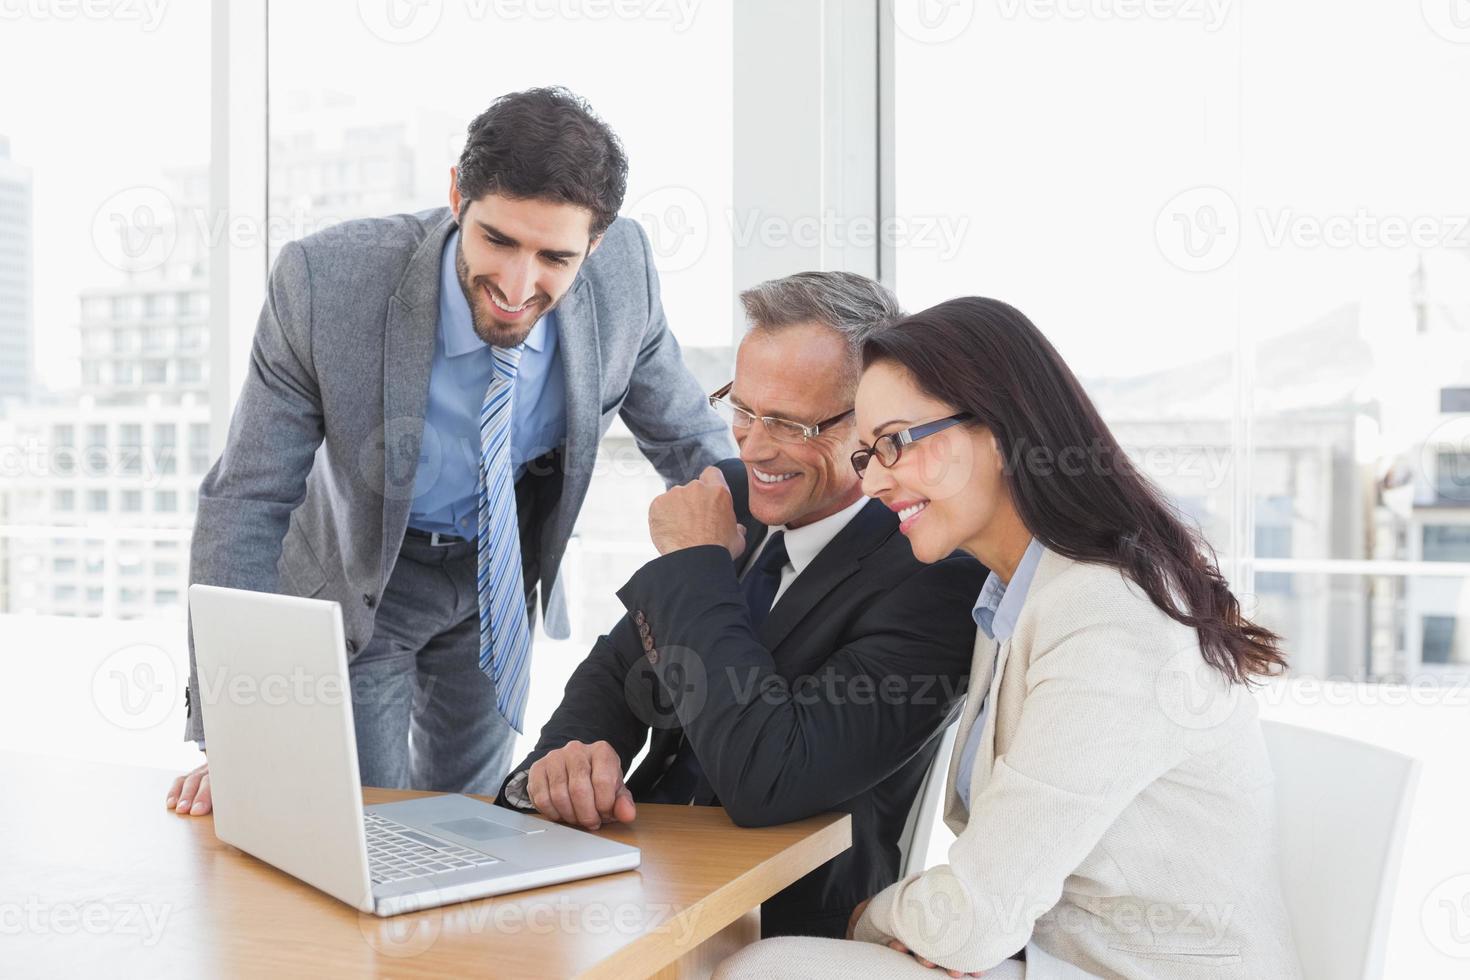 equipe sorridente, desfrutando de um vídeo foto